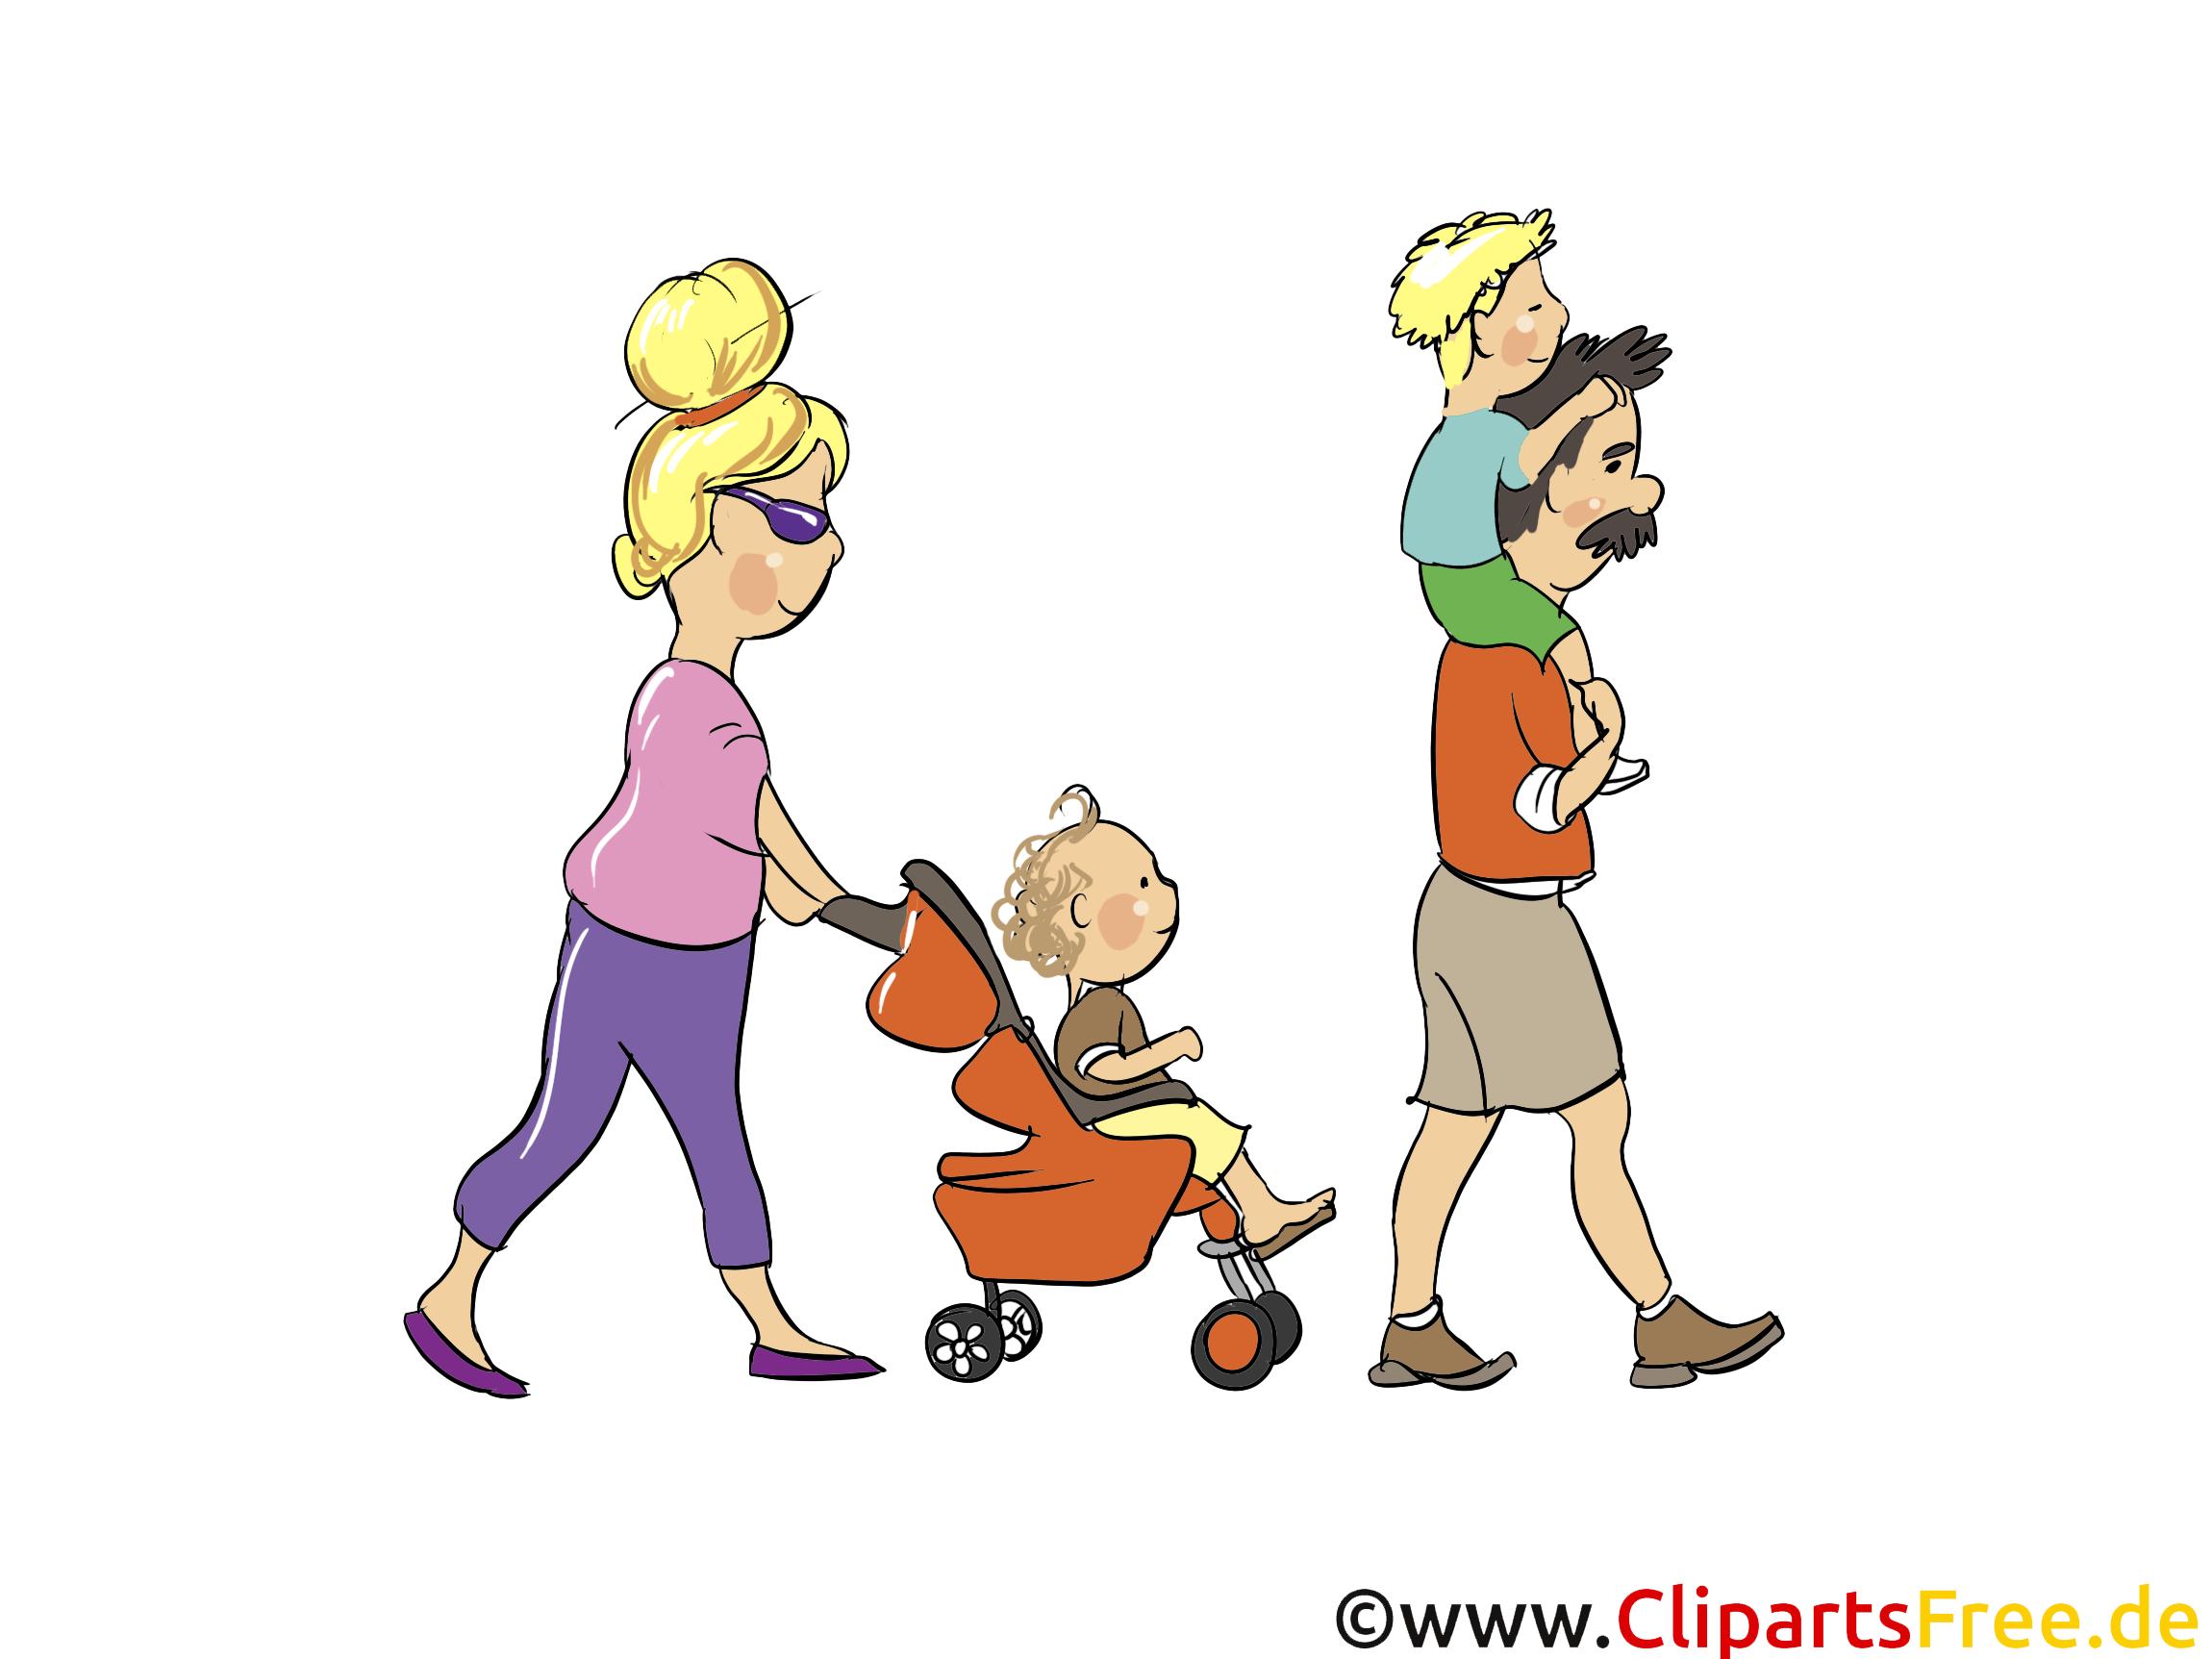 Clipart Famille famille clip art – personnes image gratuite - personnes dessin